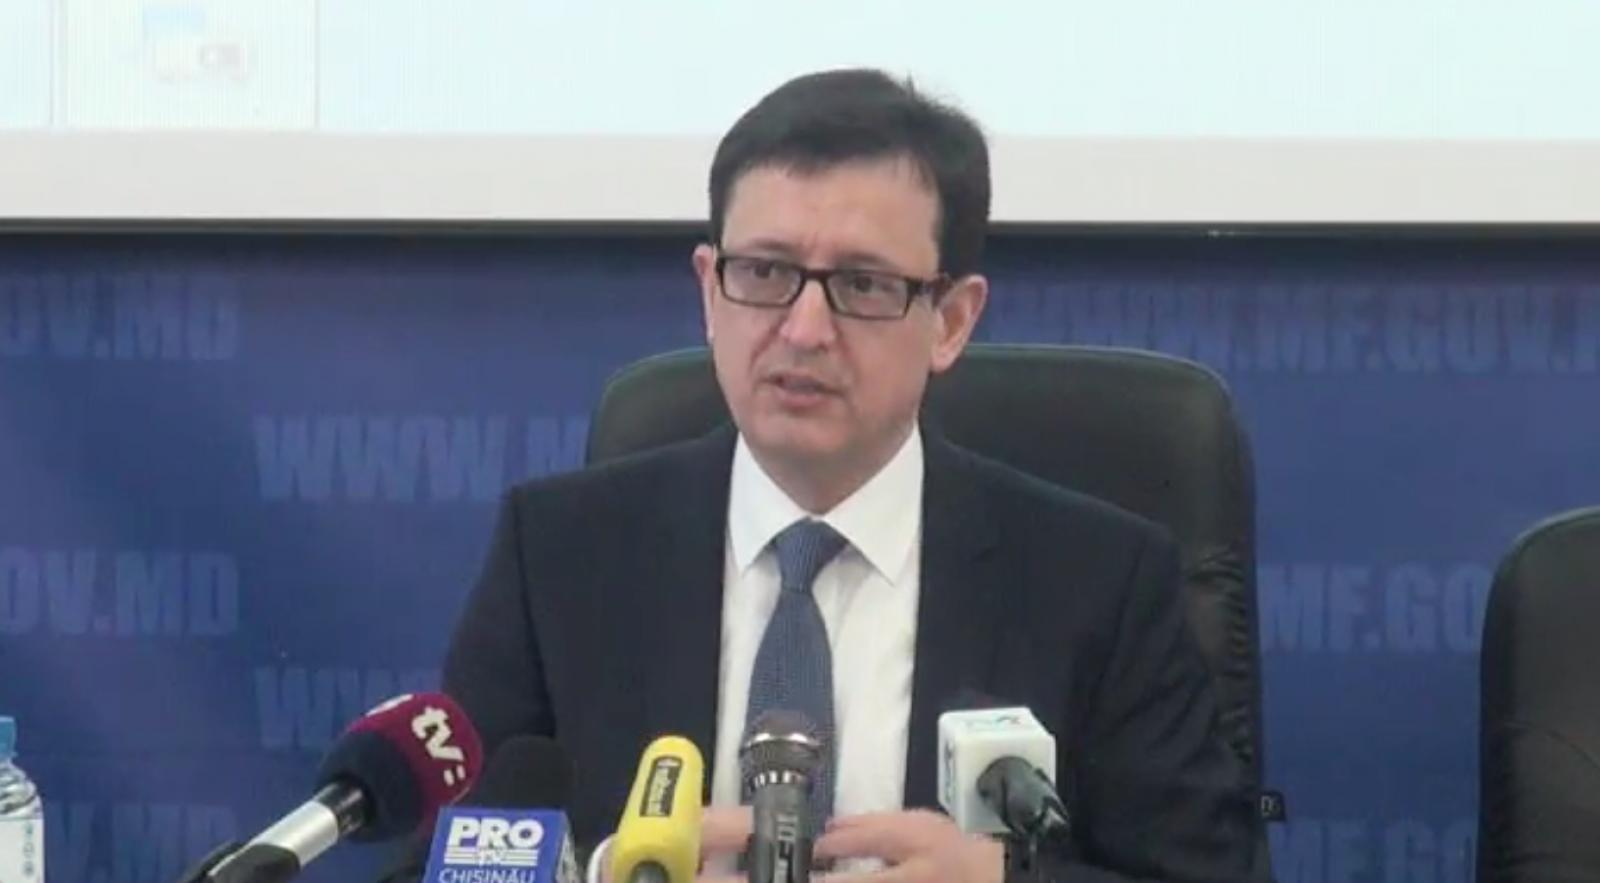 (video) Ministerul Finanțelor anunță schimbări în procesul de interacționare a Autorităților Publice Locale cu trezoreriile